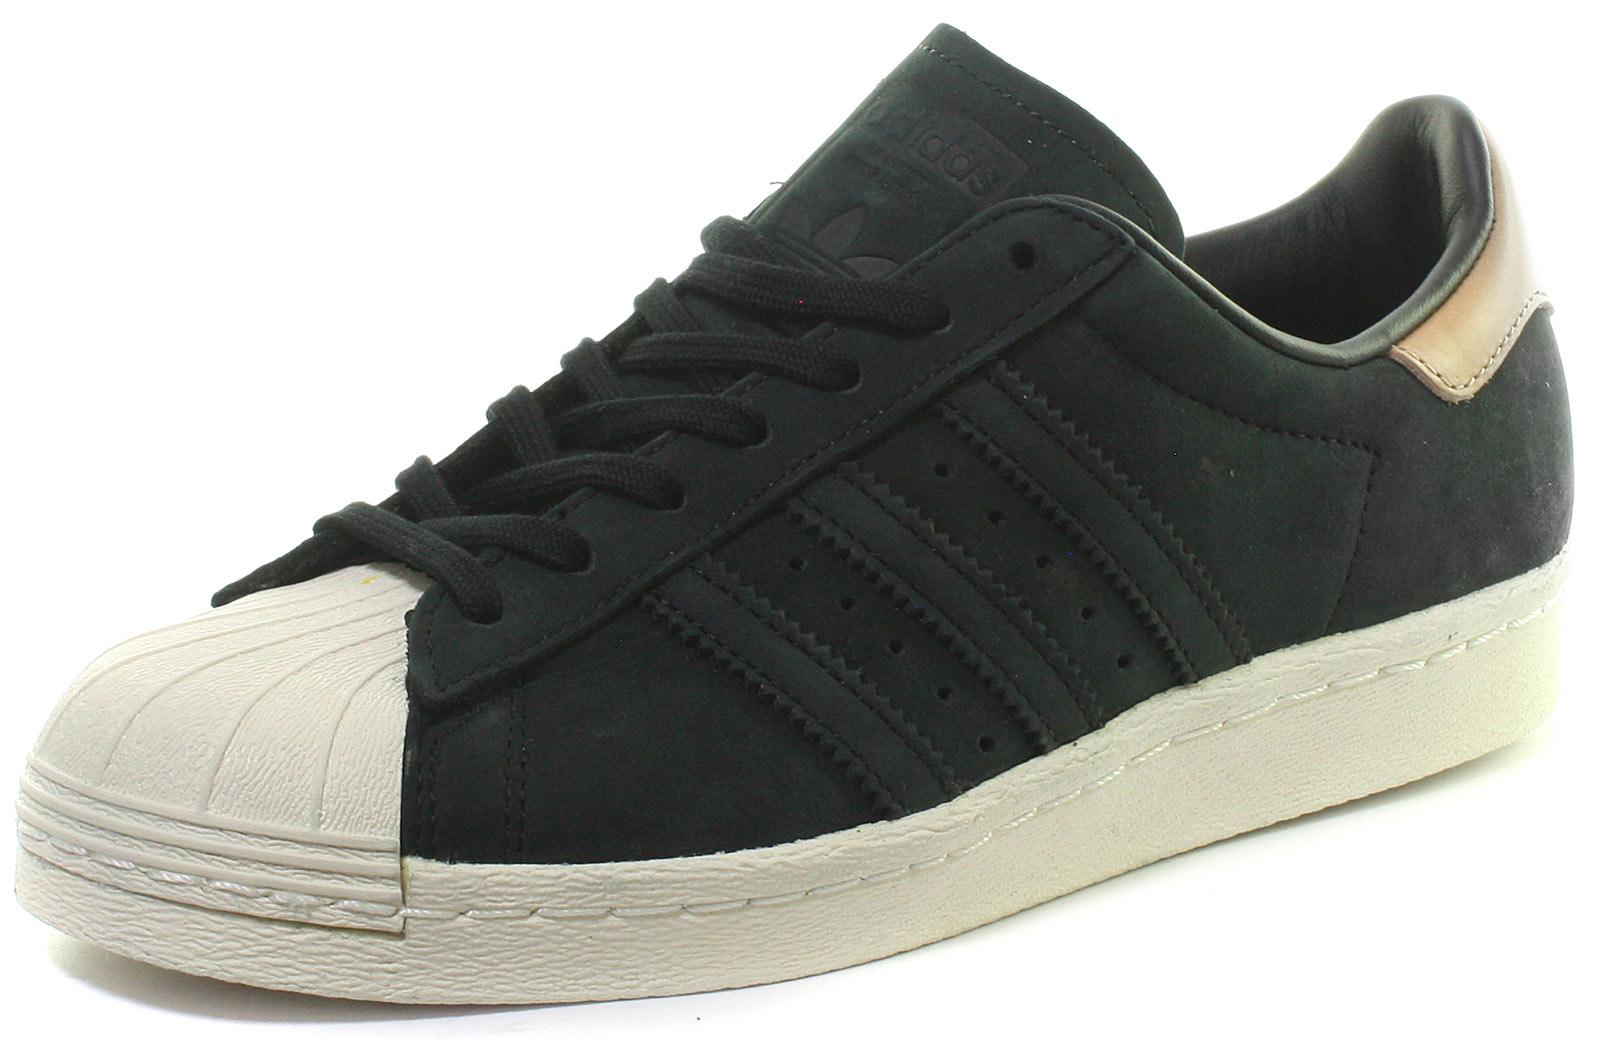 Nuevo Adidas Originals Superstar Años Años Años 80 Zapatillas de Mujer Todas las Tallas  compras online de deportes